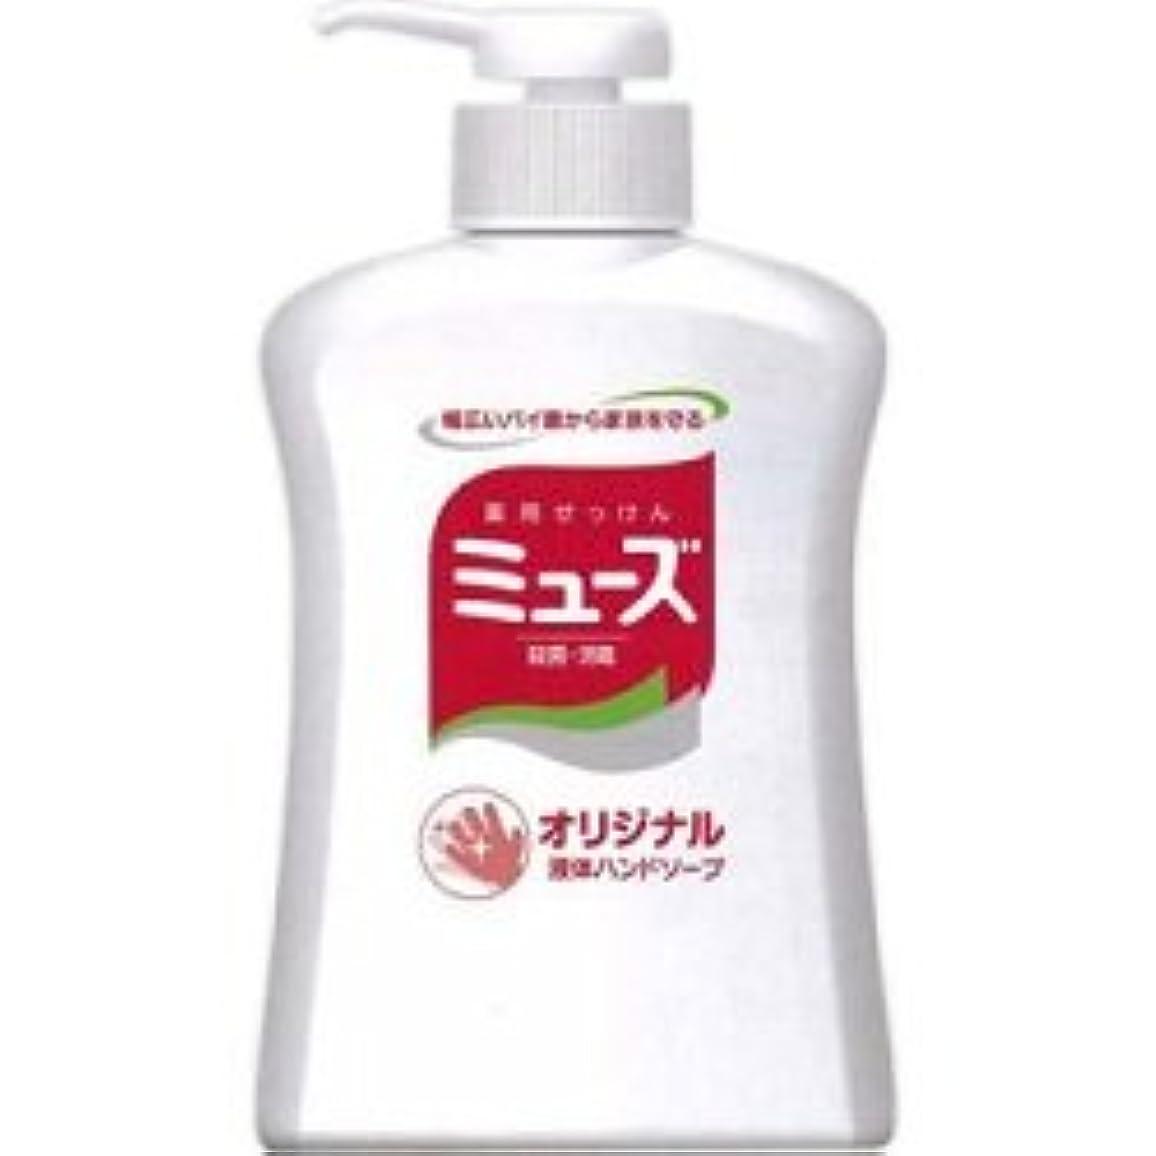 クリームルート恥【アース製薬】アース 液体ミューズ オリジナル 250ml ×10個セット